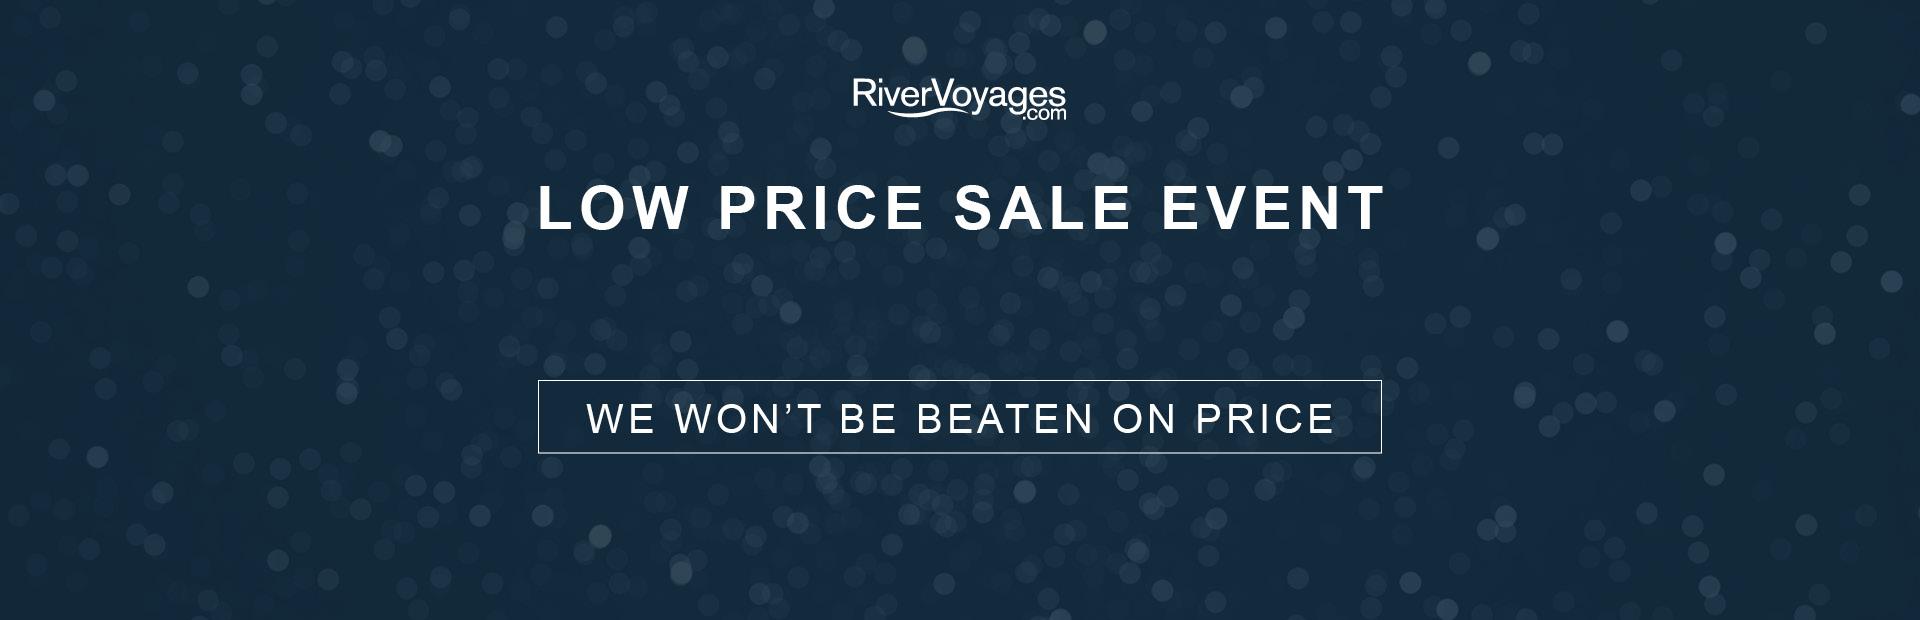 RiverVoyages - December Campaign